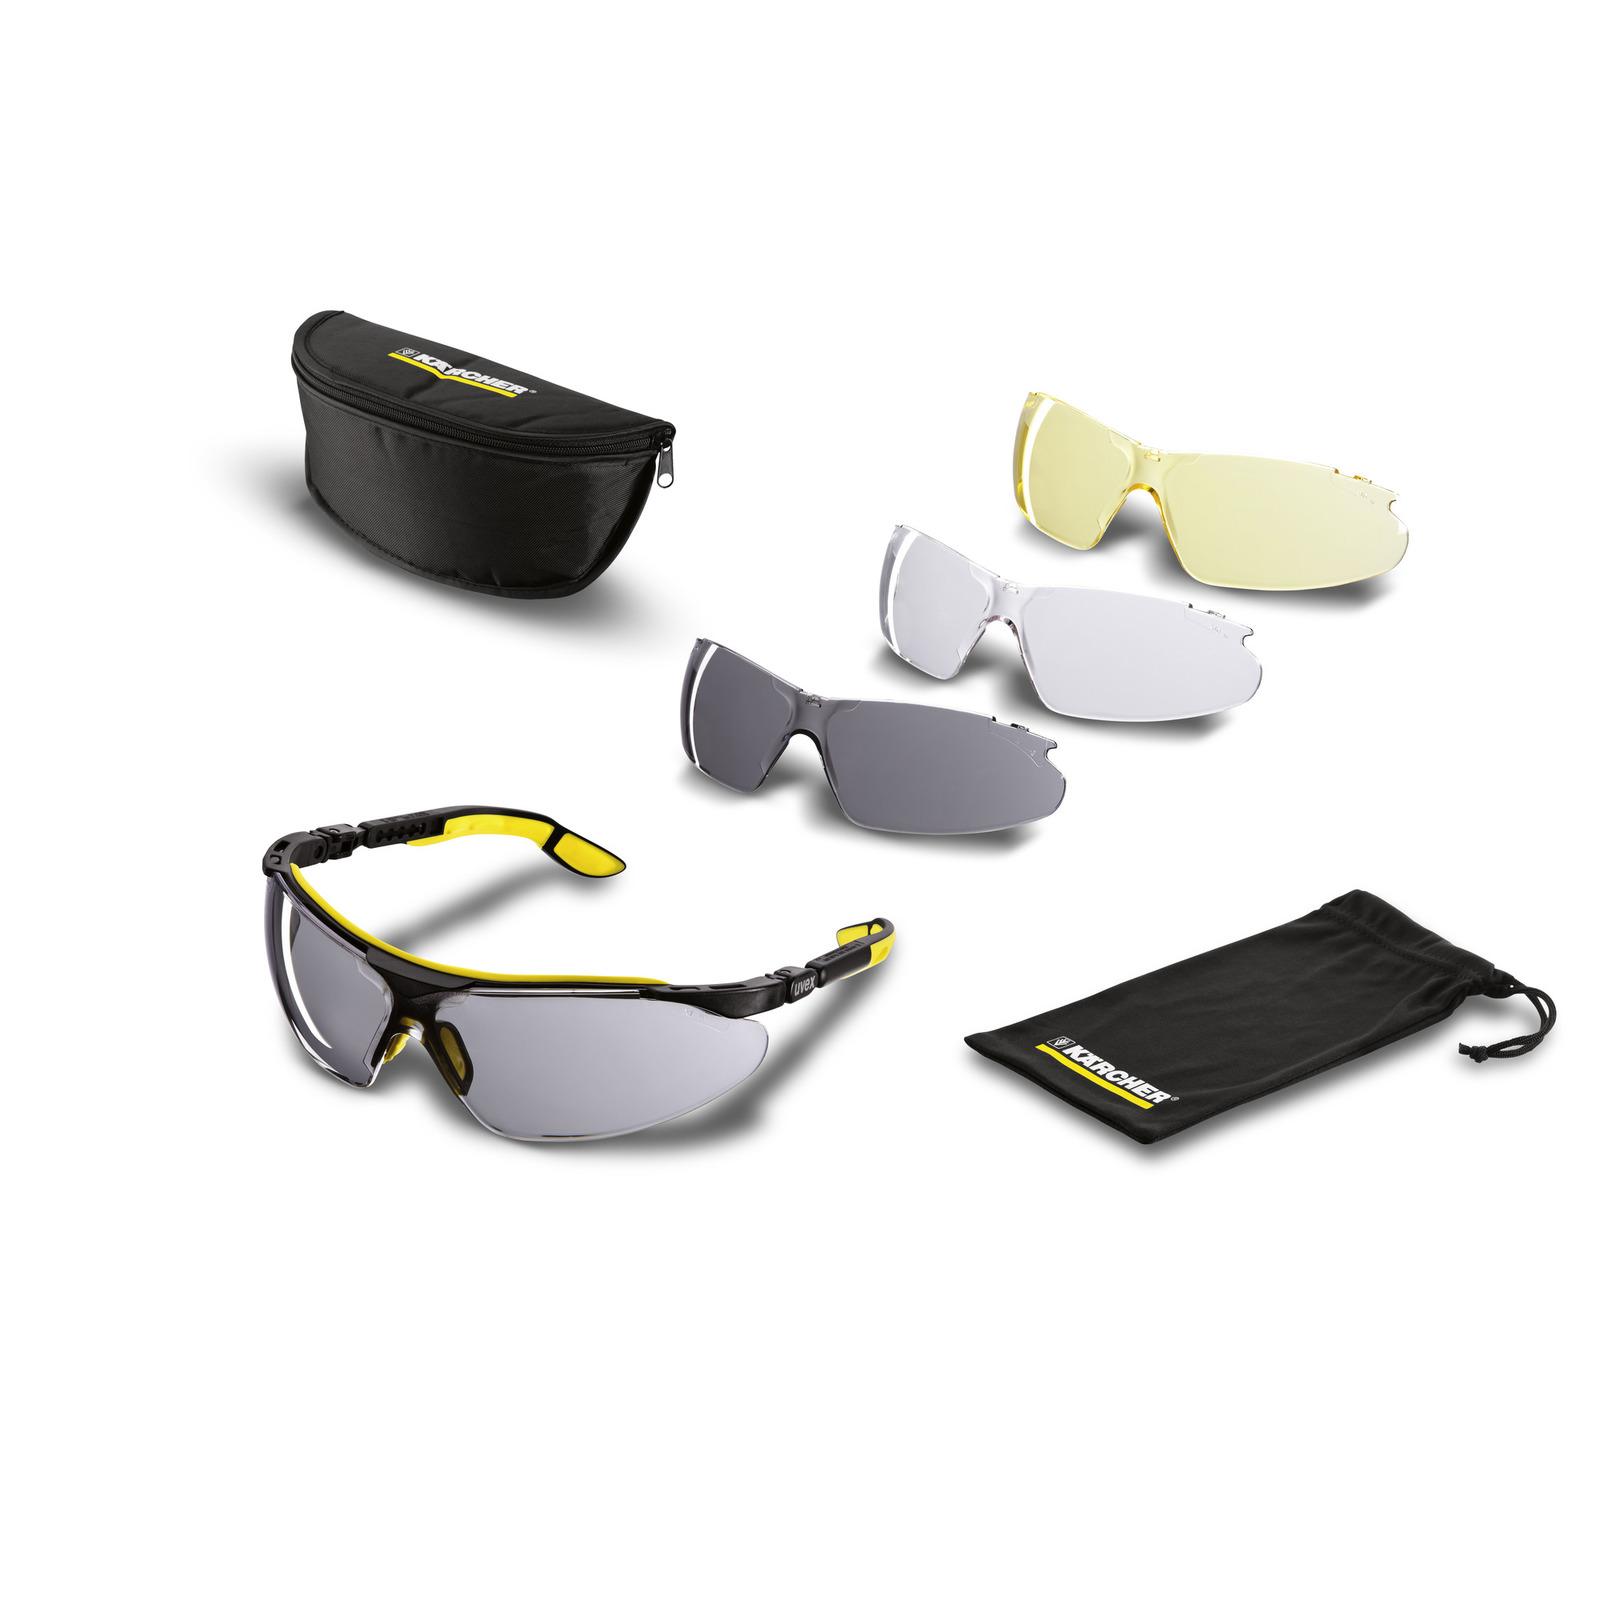 b14ba27cbe5193 Kit lunettes de protection   Kärcher